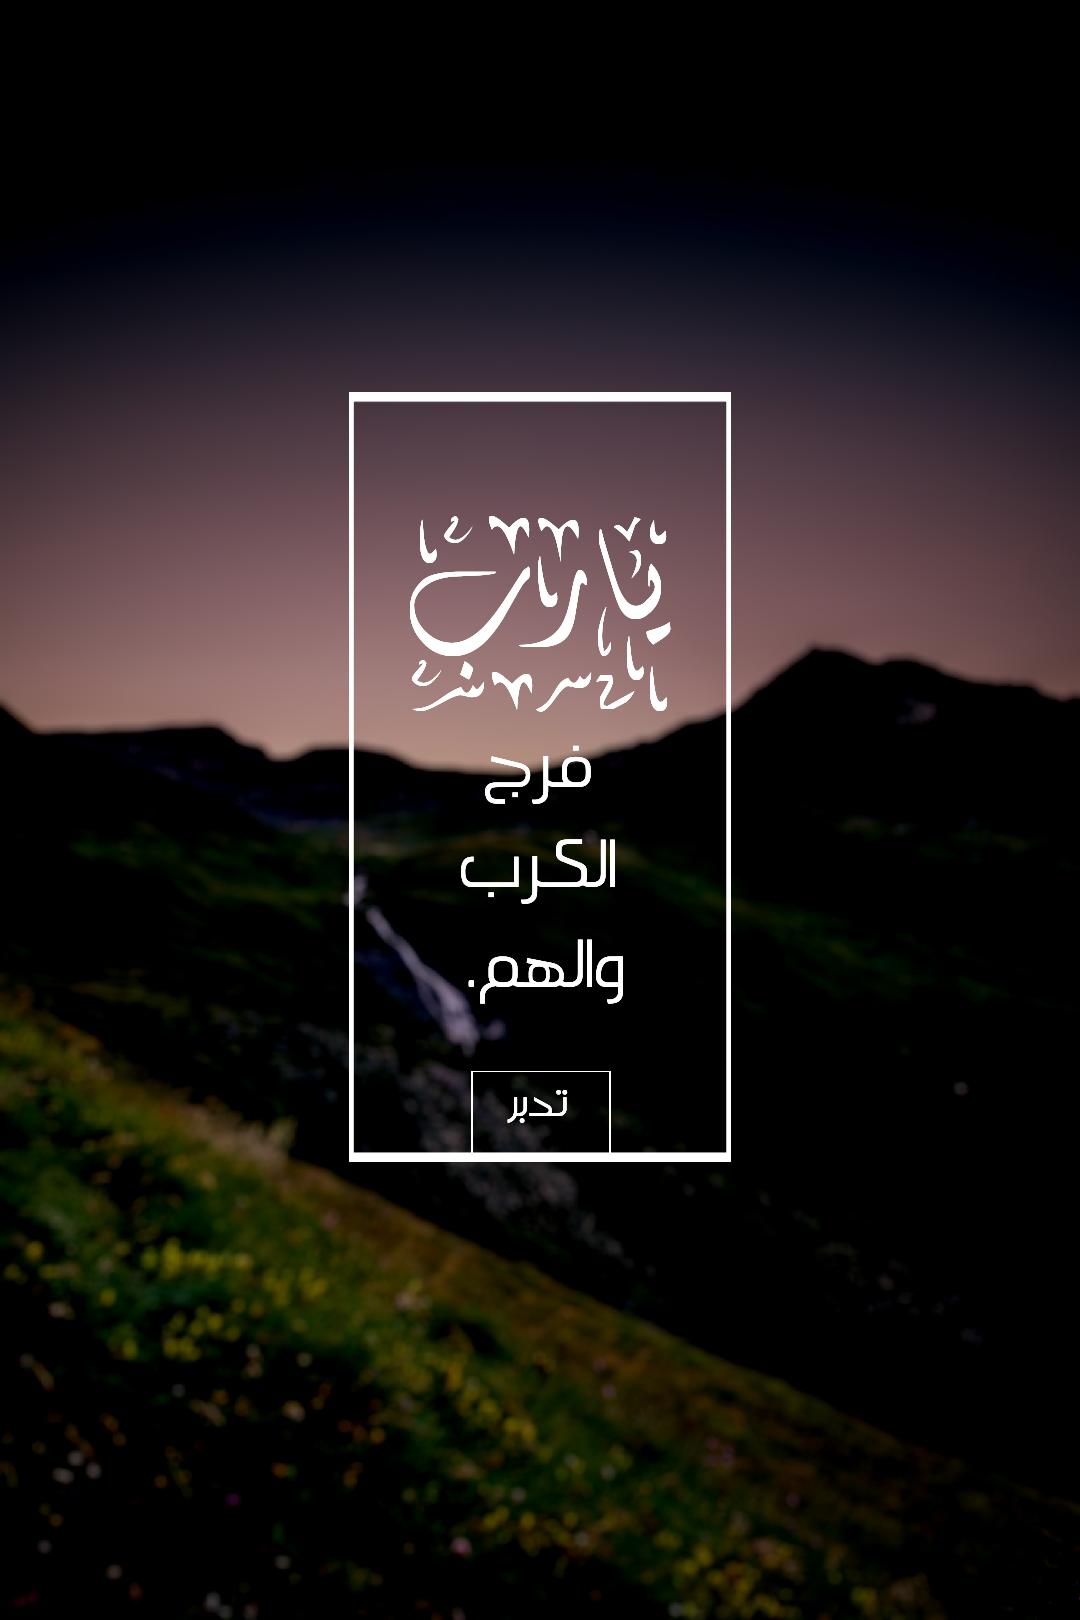 يارب فرج الكرب والهم Islamic Quotes Words Arabic Quotes